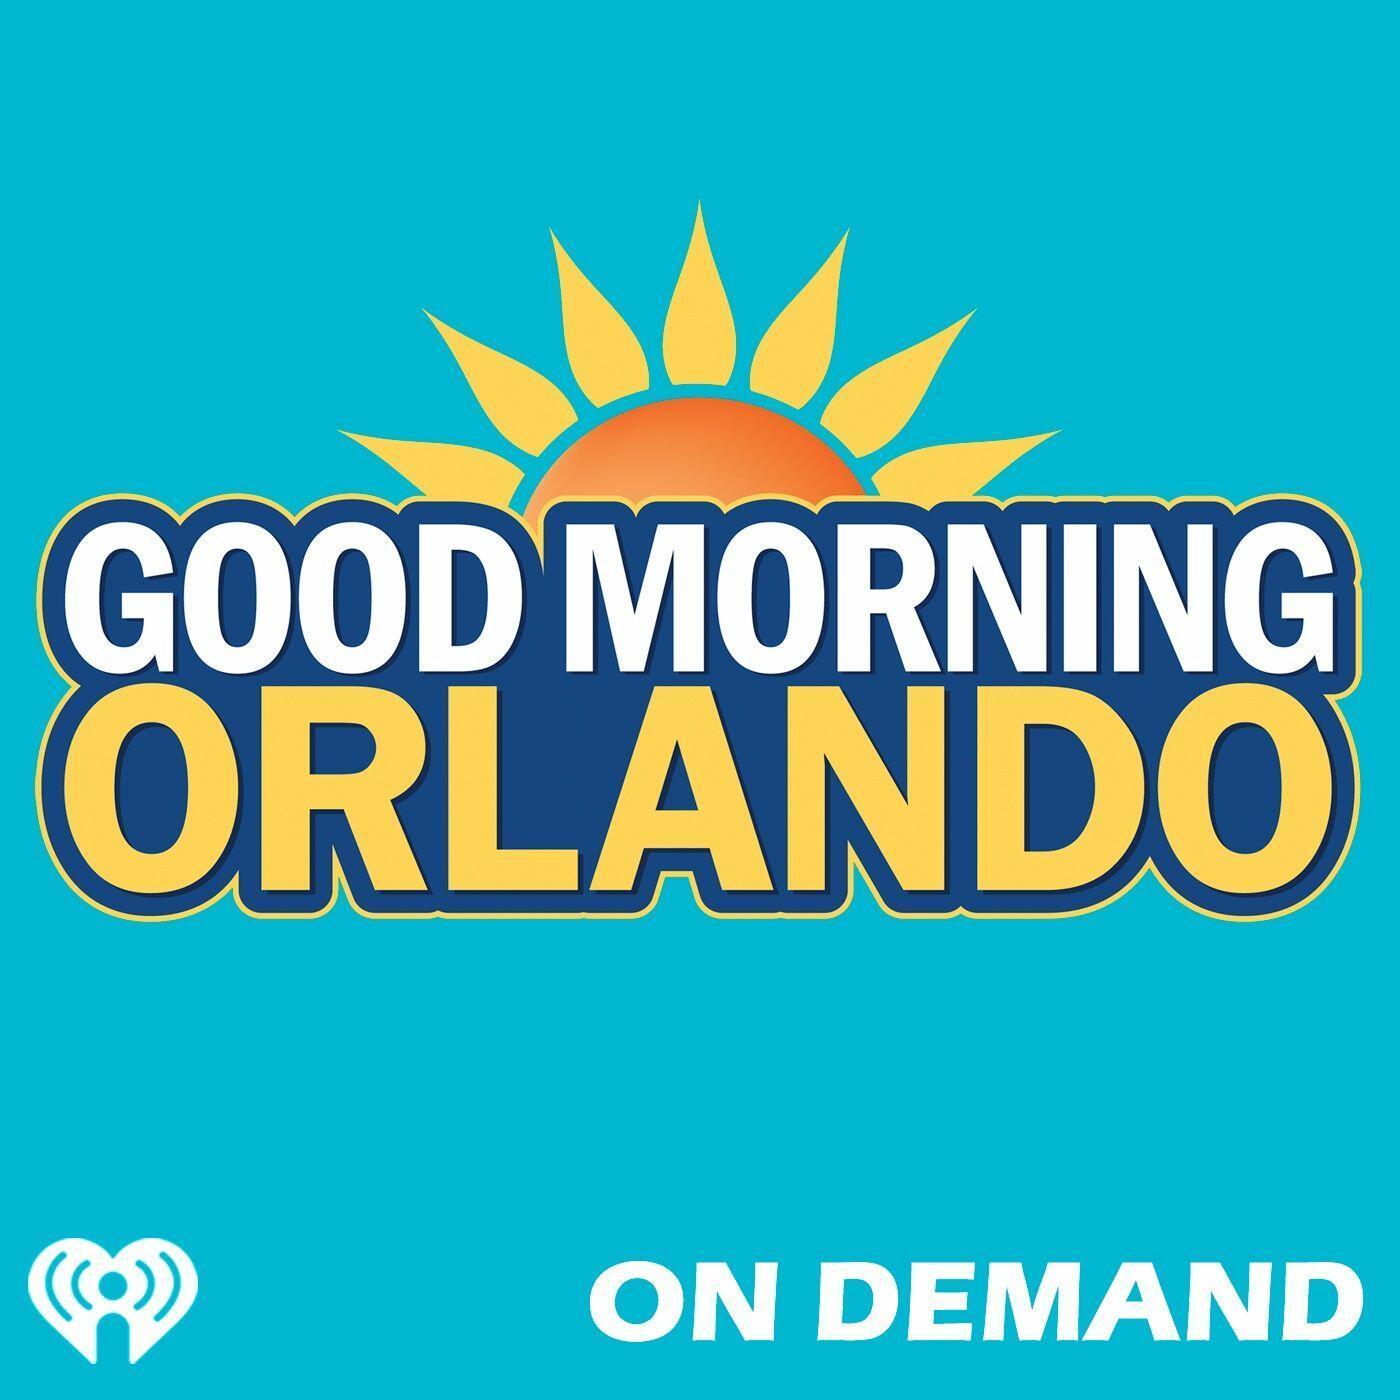 Good Morning Orlando